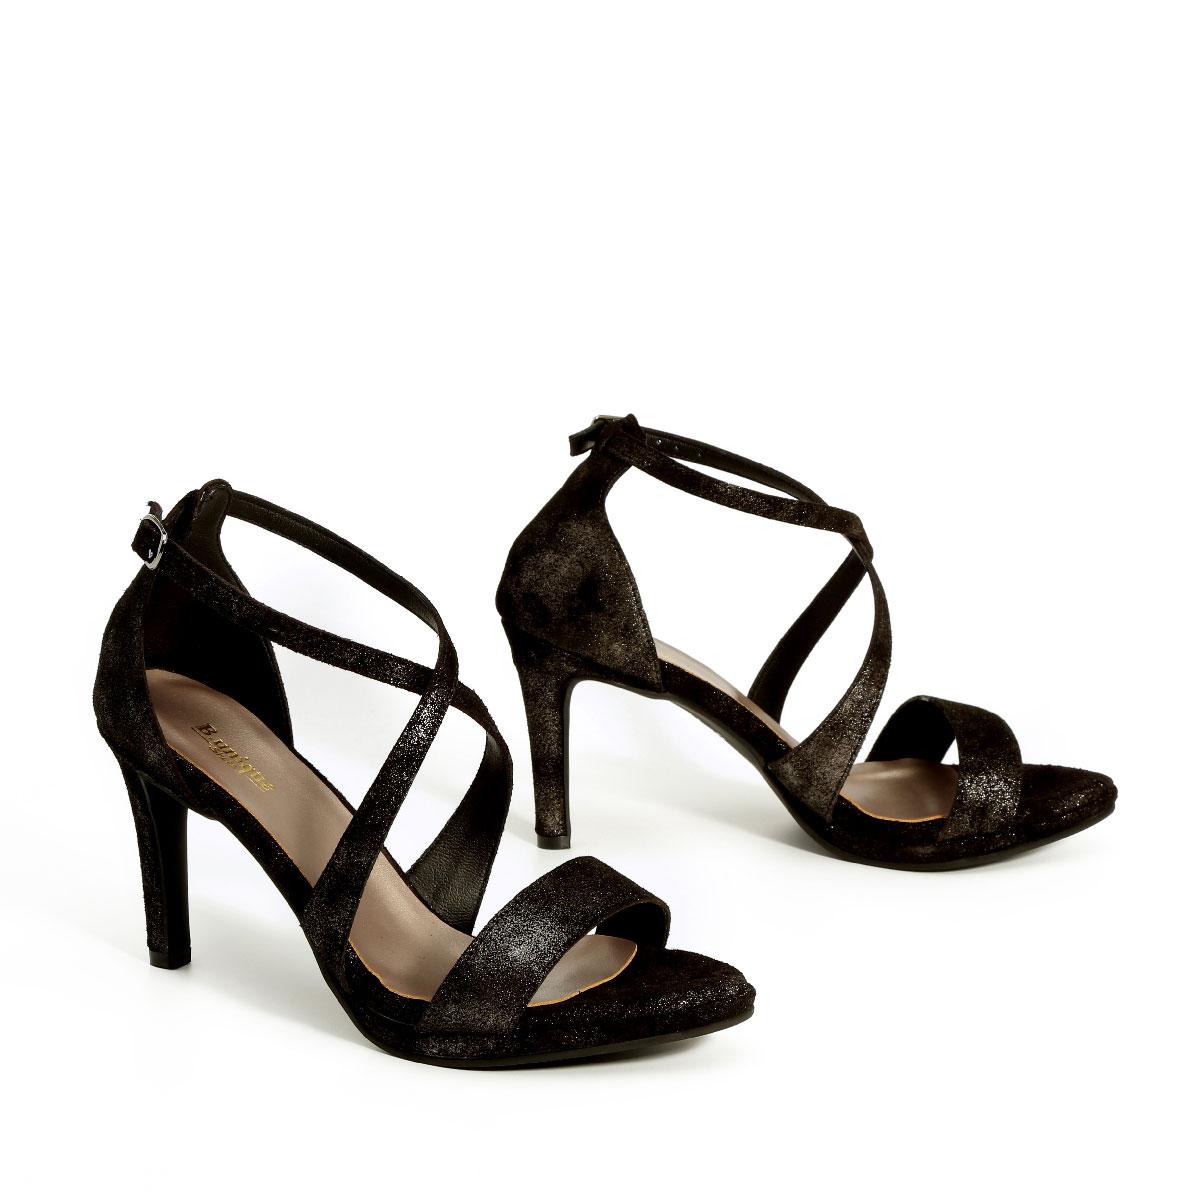 דגם שירז: נעלי עקב בצבע שחור